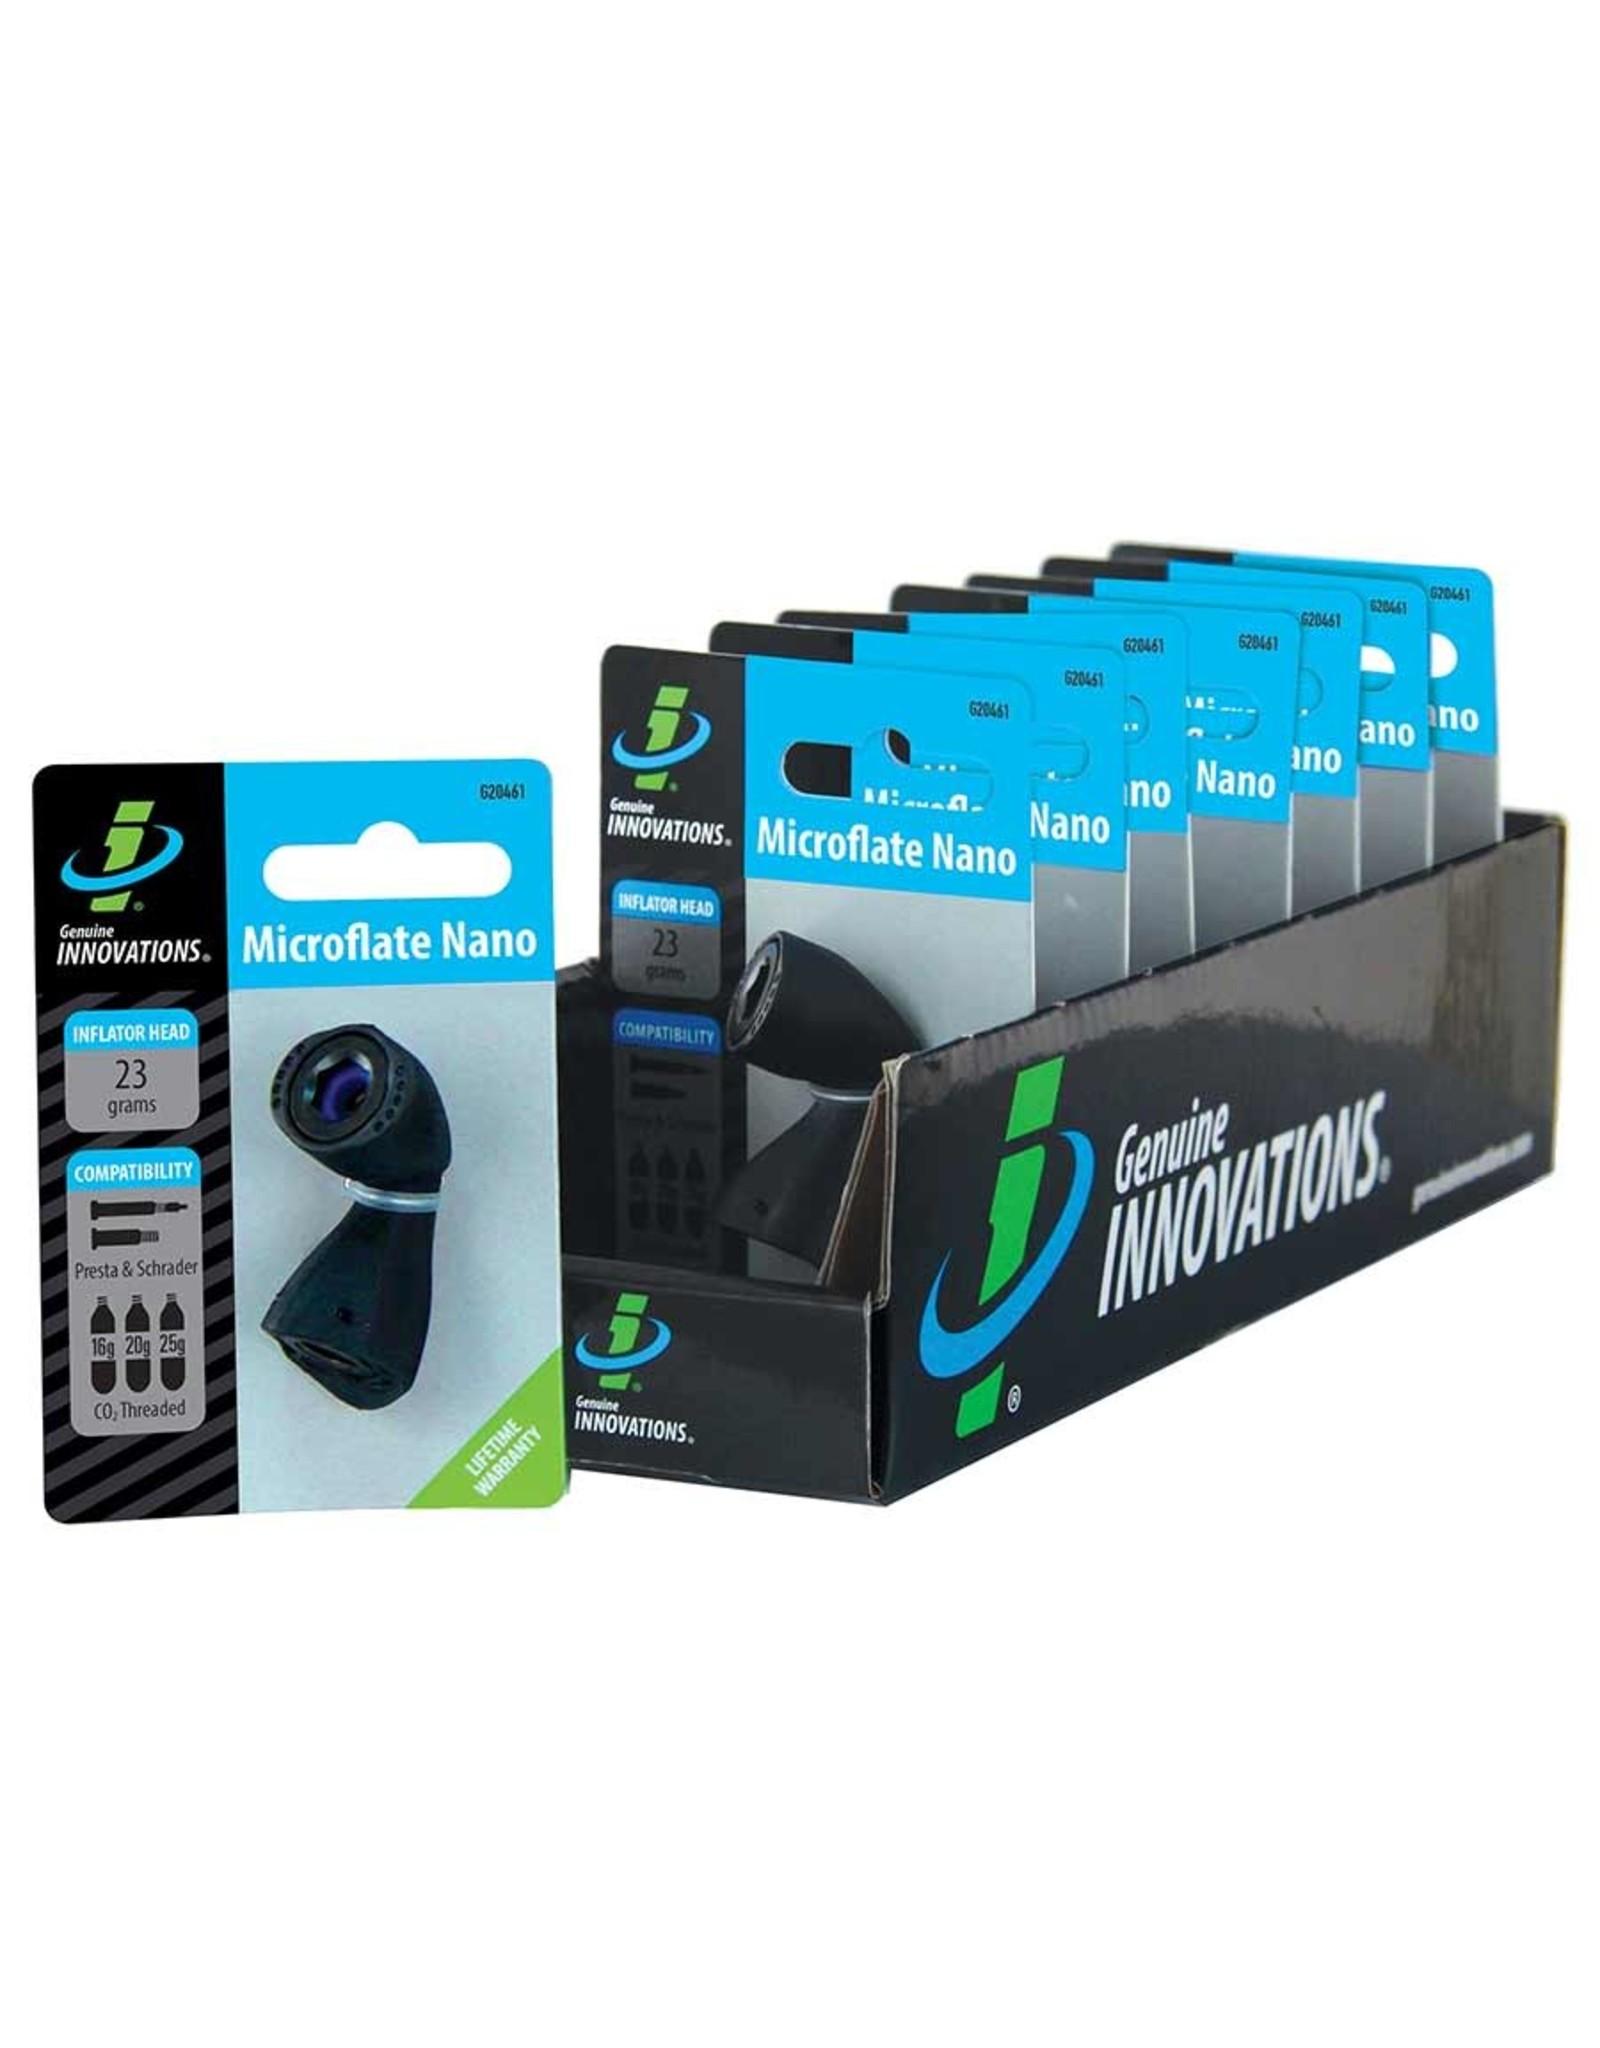 Microflate Nano, CO2 Inflator, No cartridge, Black